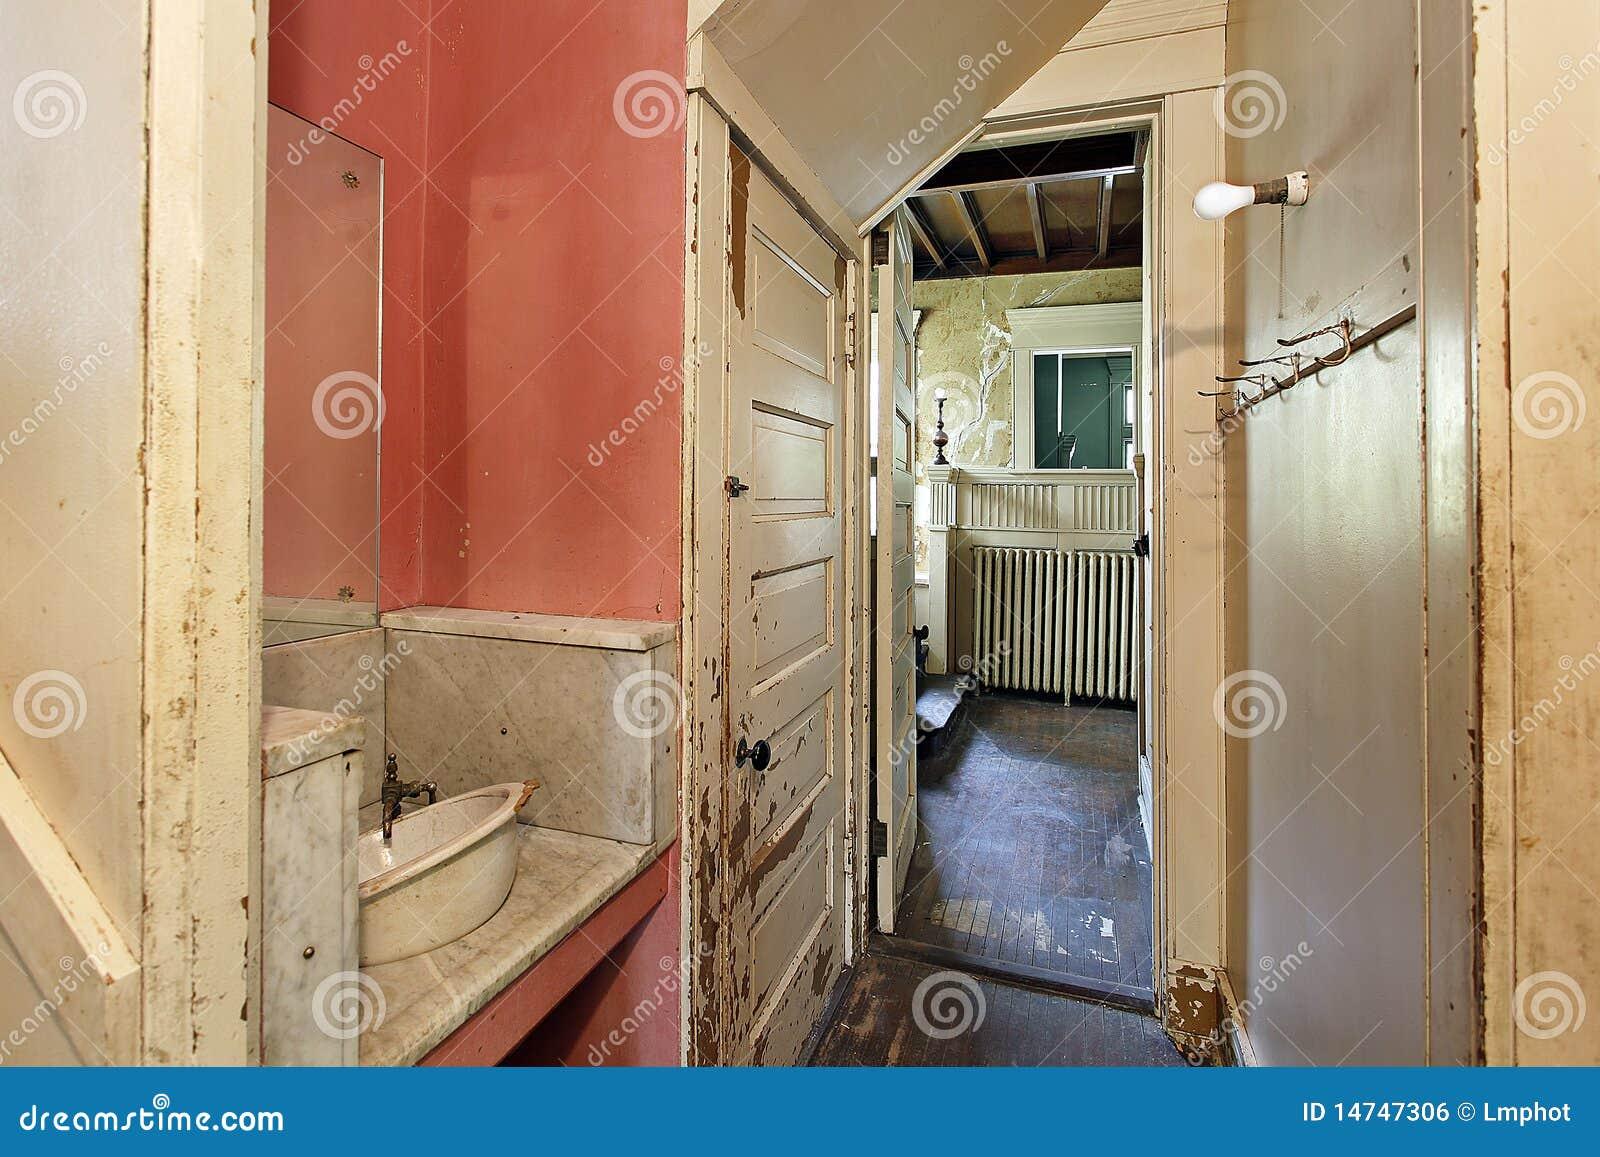 Voorraadkast in oud verlaten huis royalty vrije stock afbeelding afbeelding 14747306 - Oud huis ...